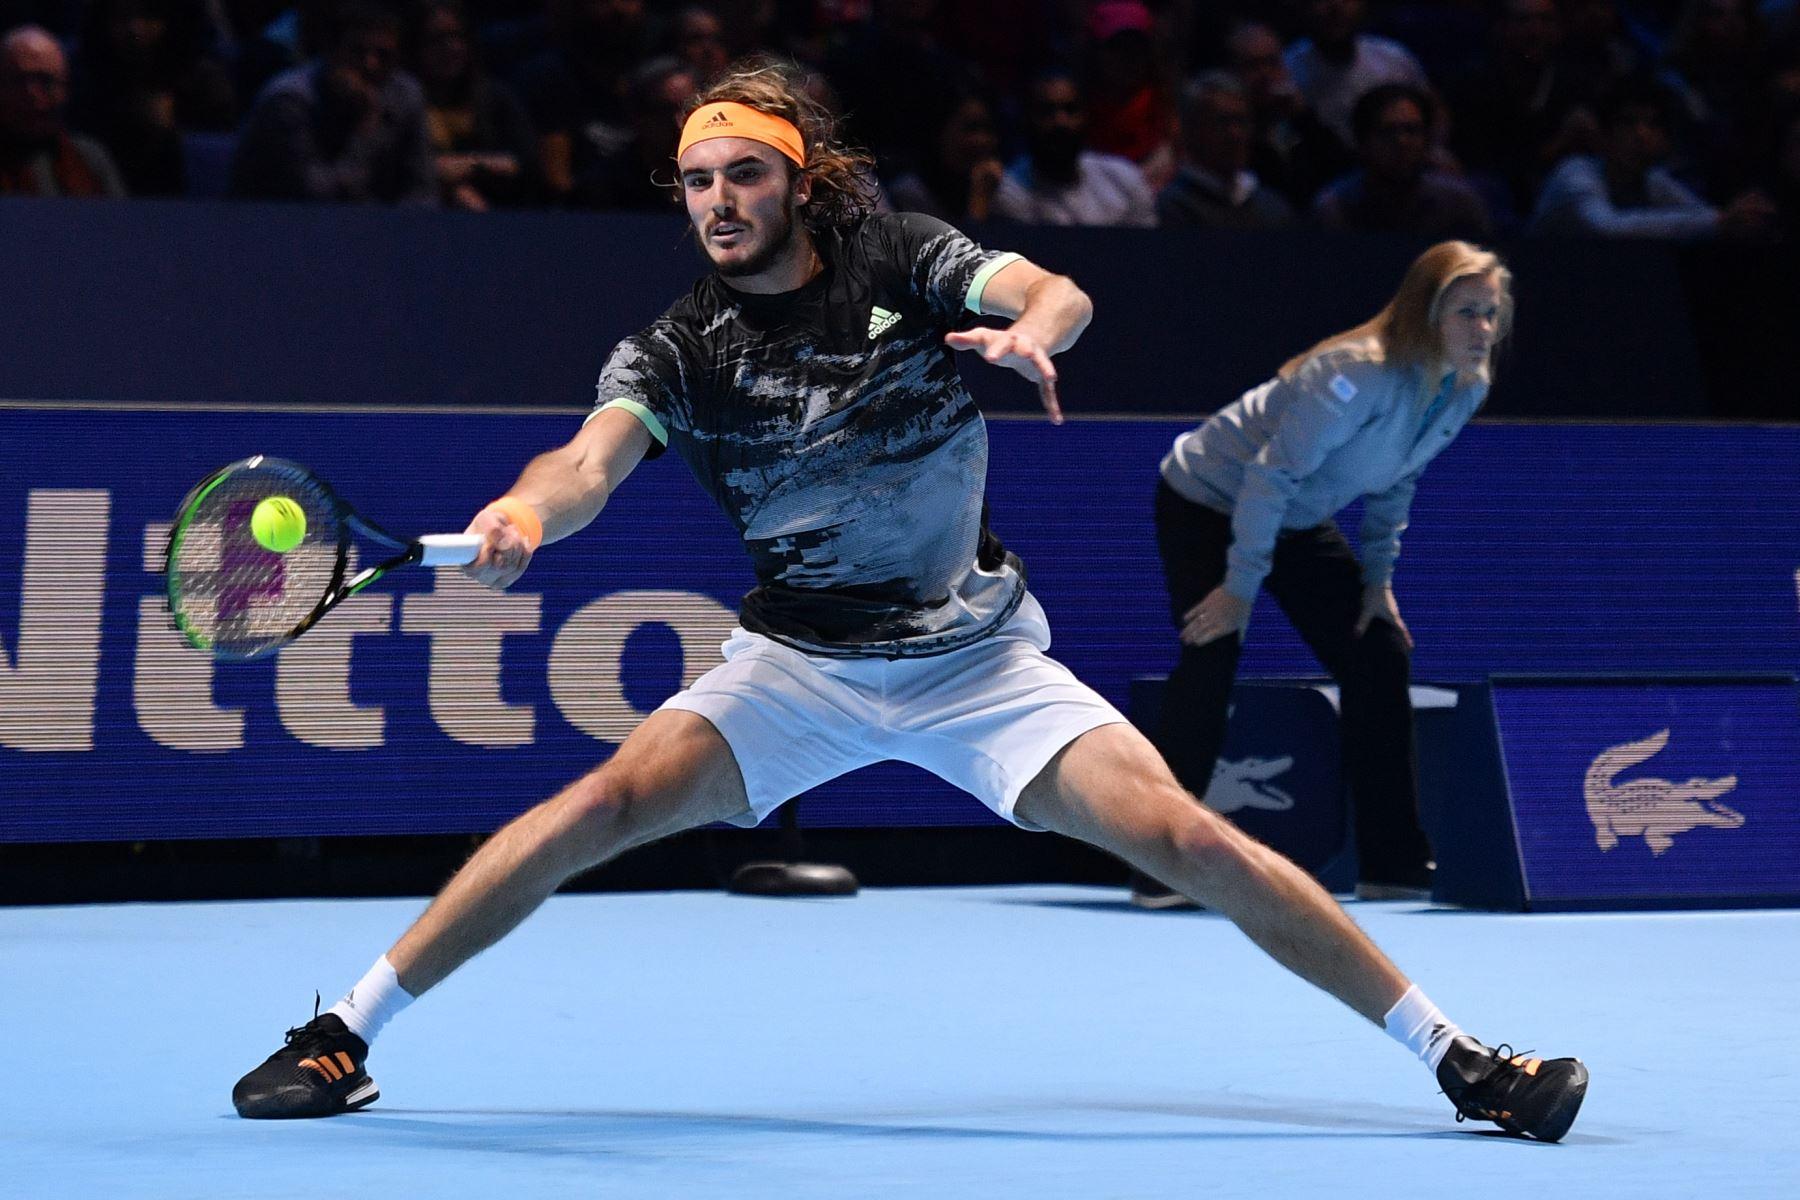 El griego Stefanos Tsitsipas se enfrenta al suizo Roger Federer durante el partido de semifinales de individuales masculinos  de tenis ATP World Tour Finals en el O2 Arena de Londres. Foto: AFP